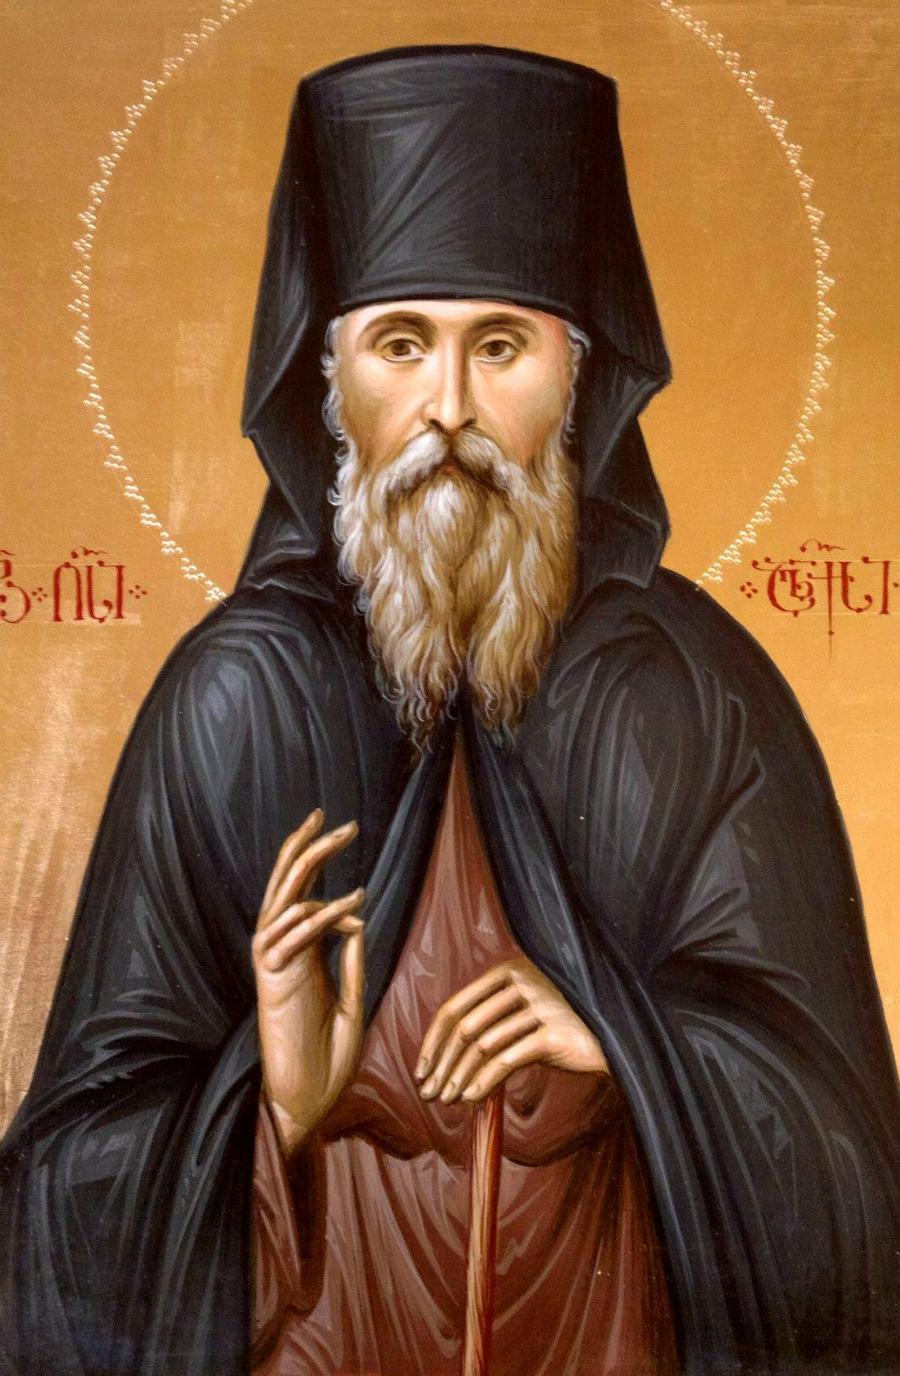 Святой Преподобный Алексий (Шушания), Сенакский, Теклатский. Иконописец Зураб Модебадзе.